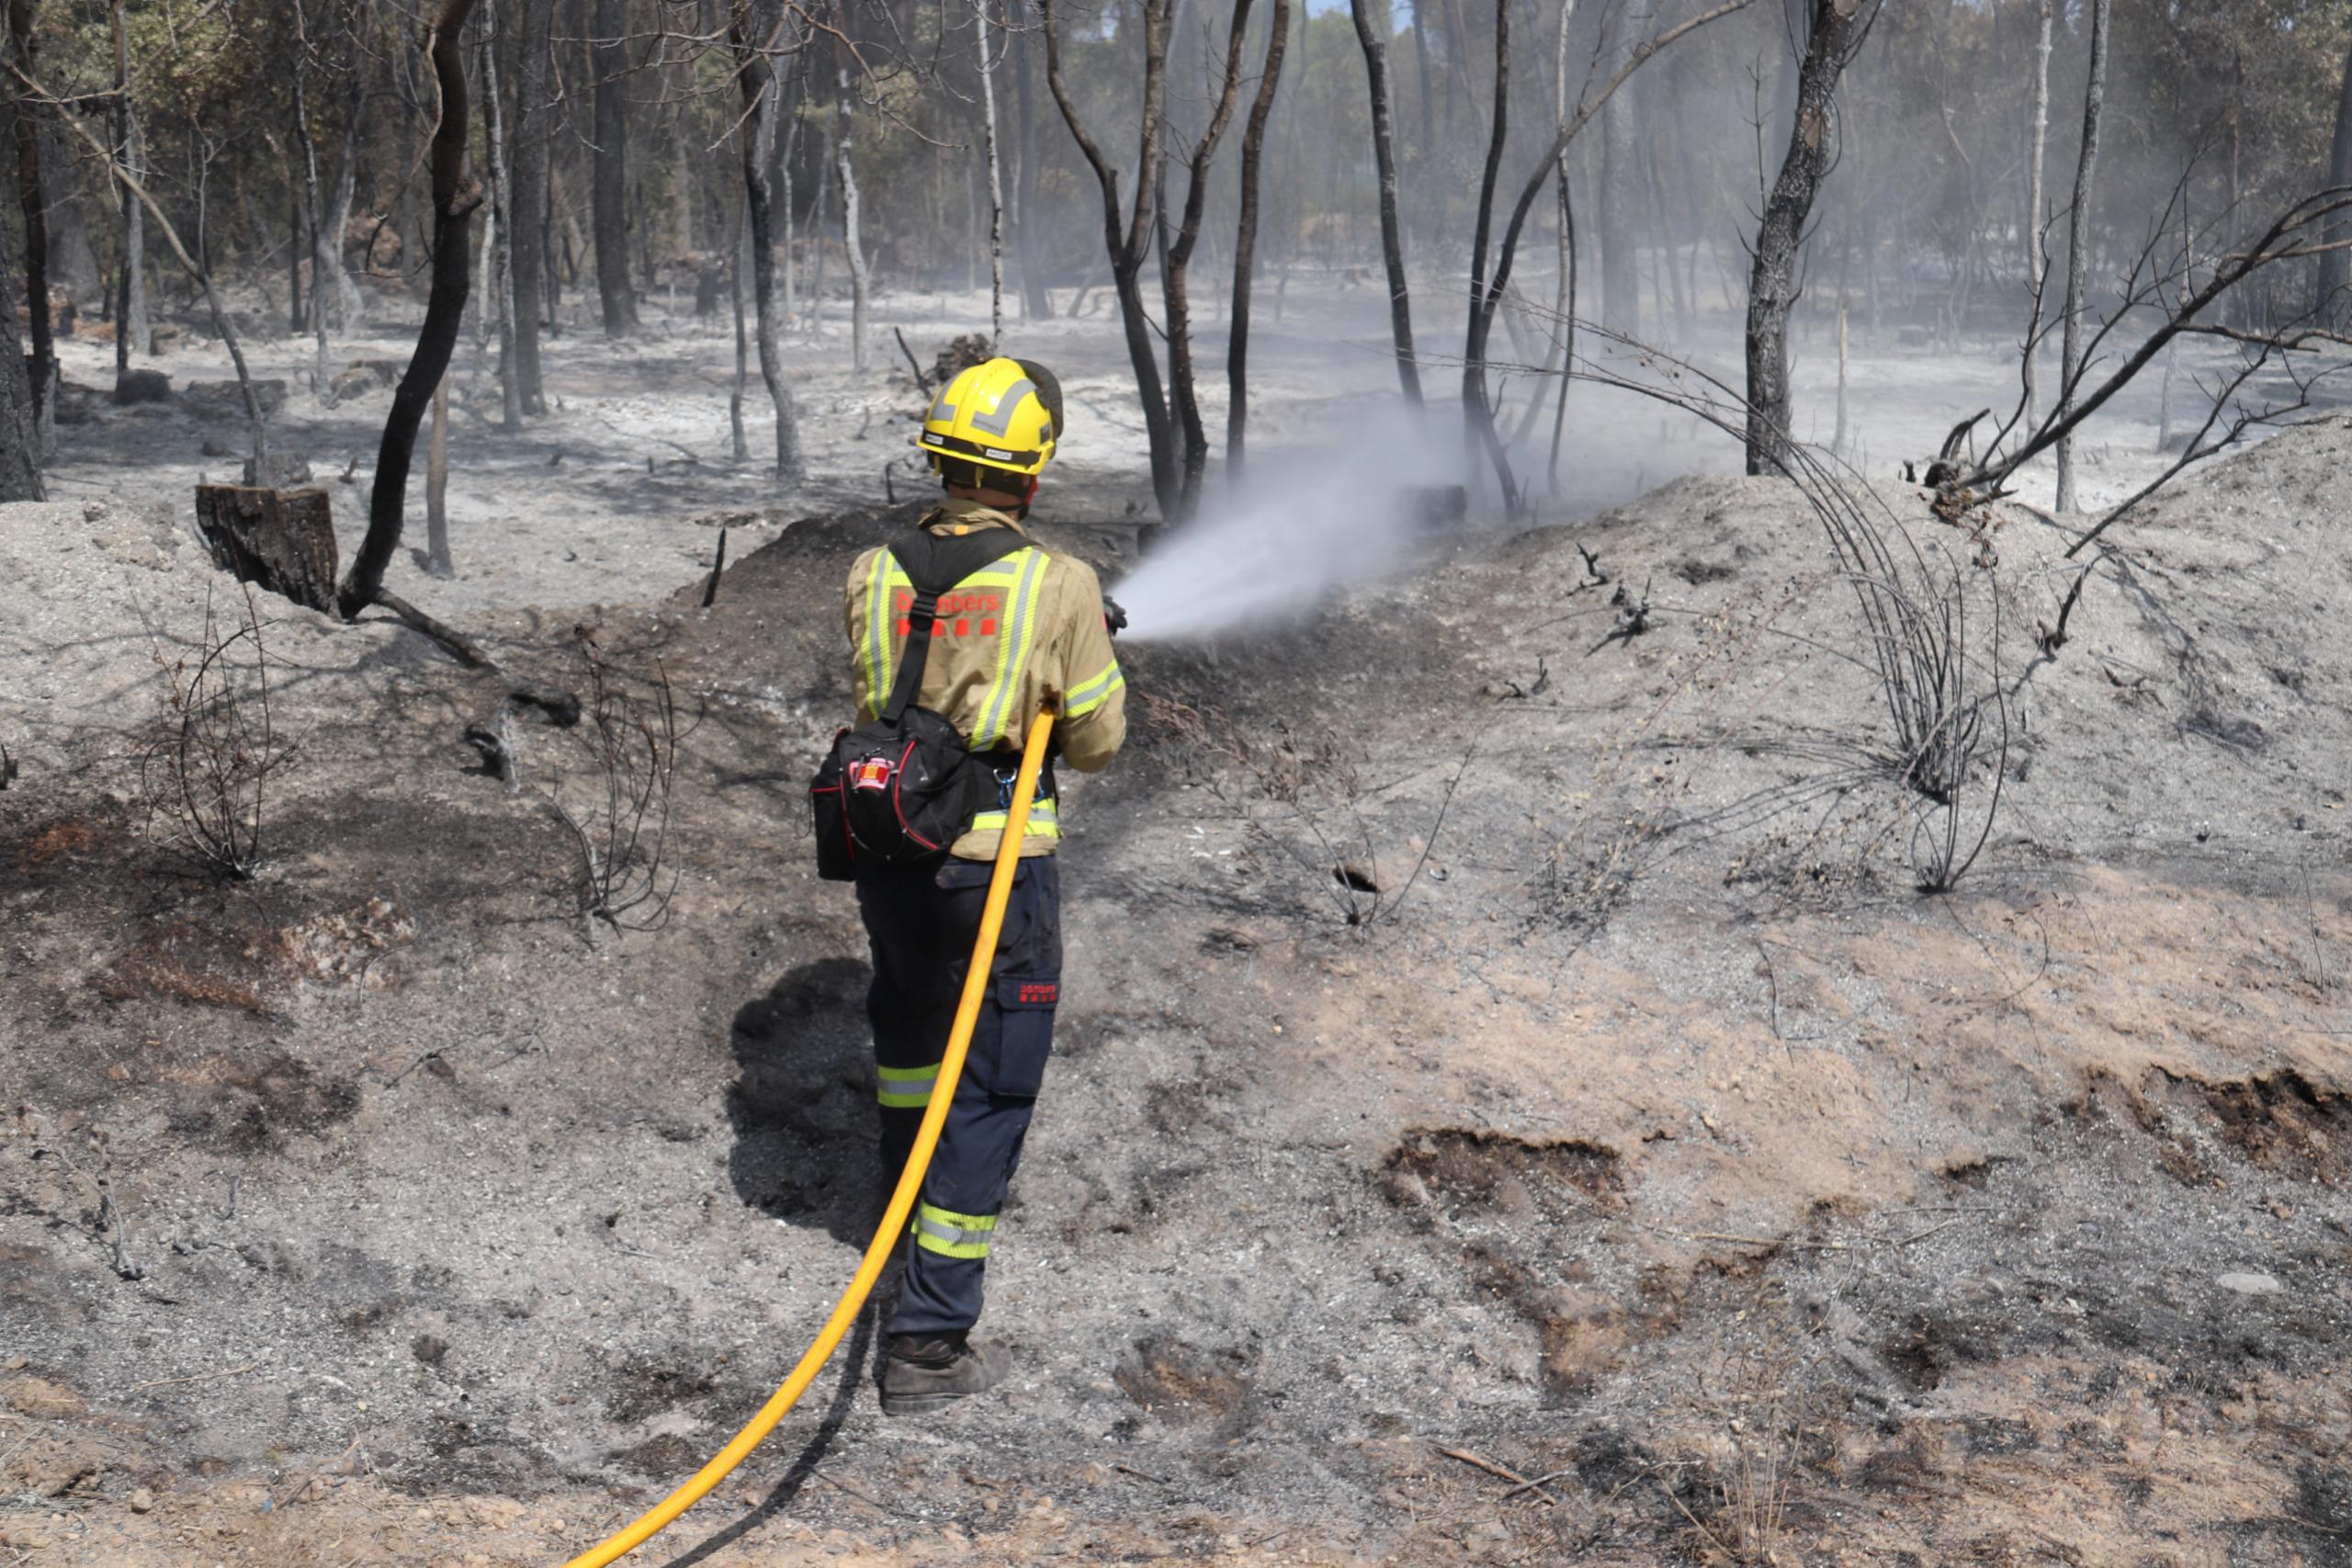 Un bomber remullant una de les zones cremades a l'incendi de Ventalló aquest diumenge 25 de juliol de 2021 / ACN